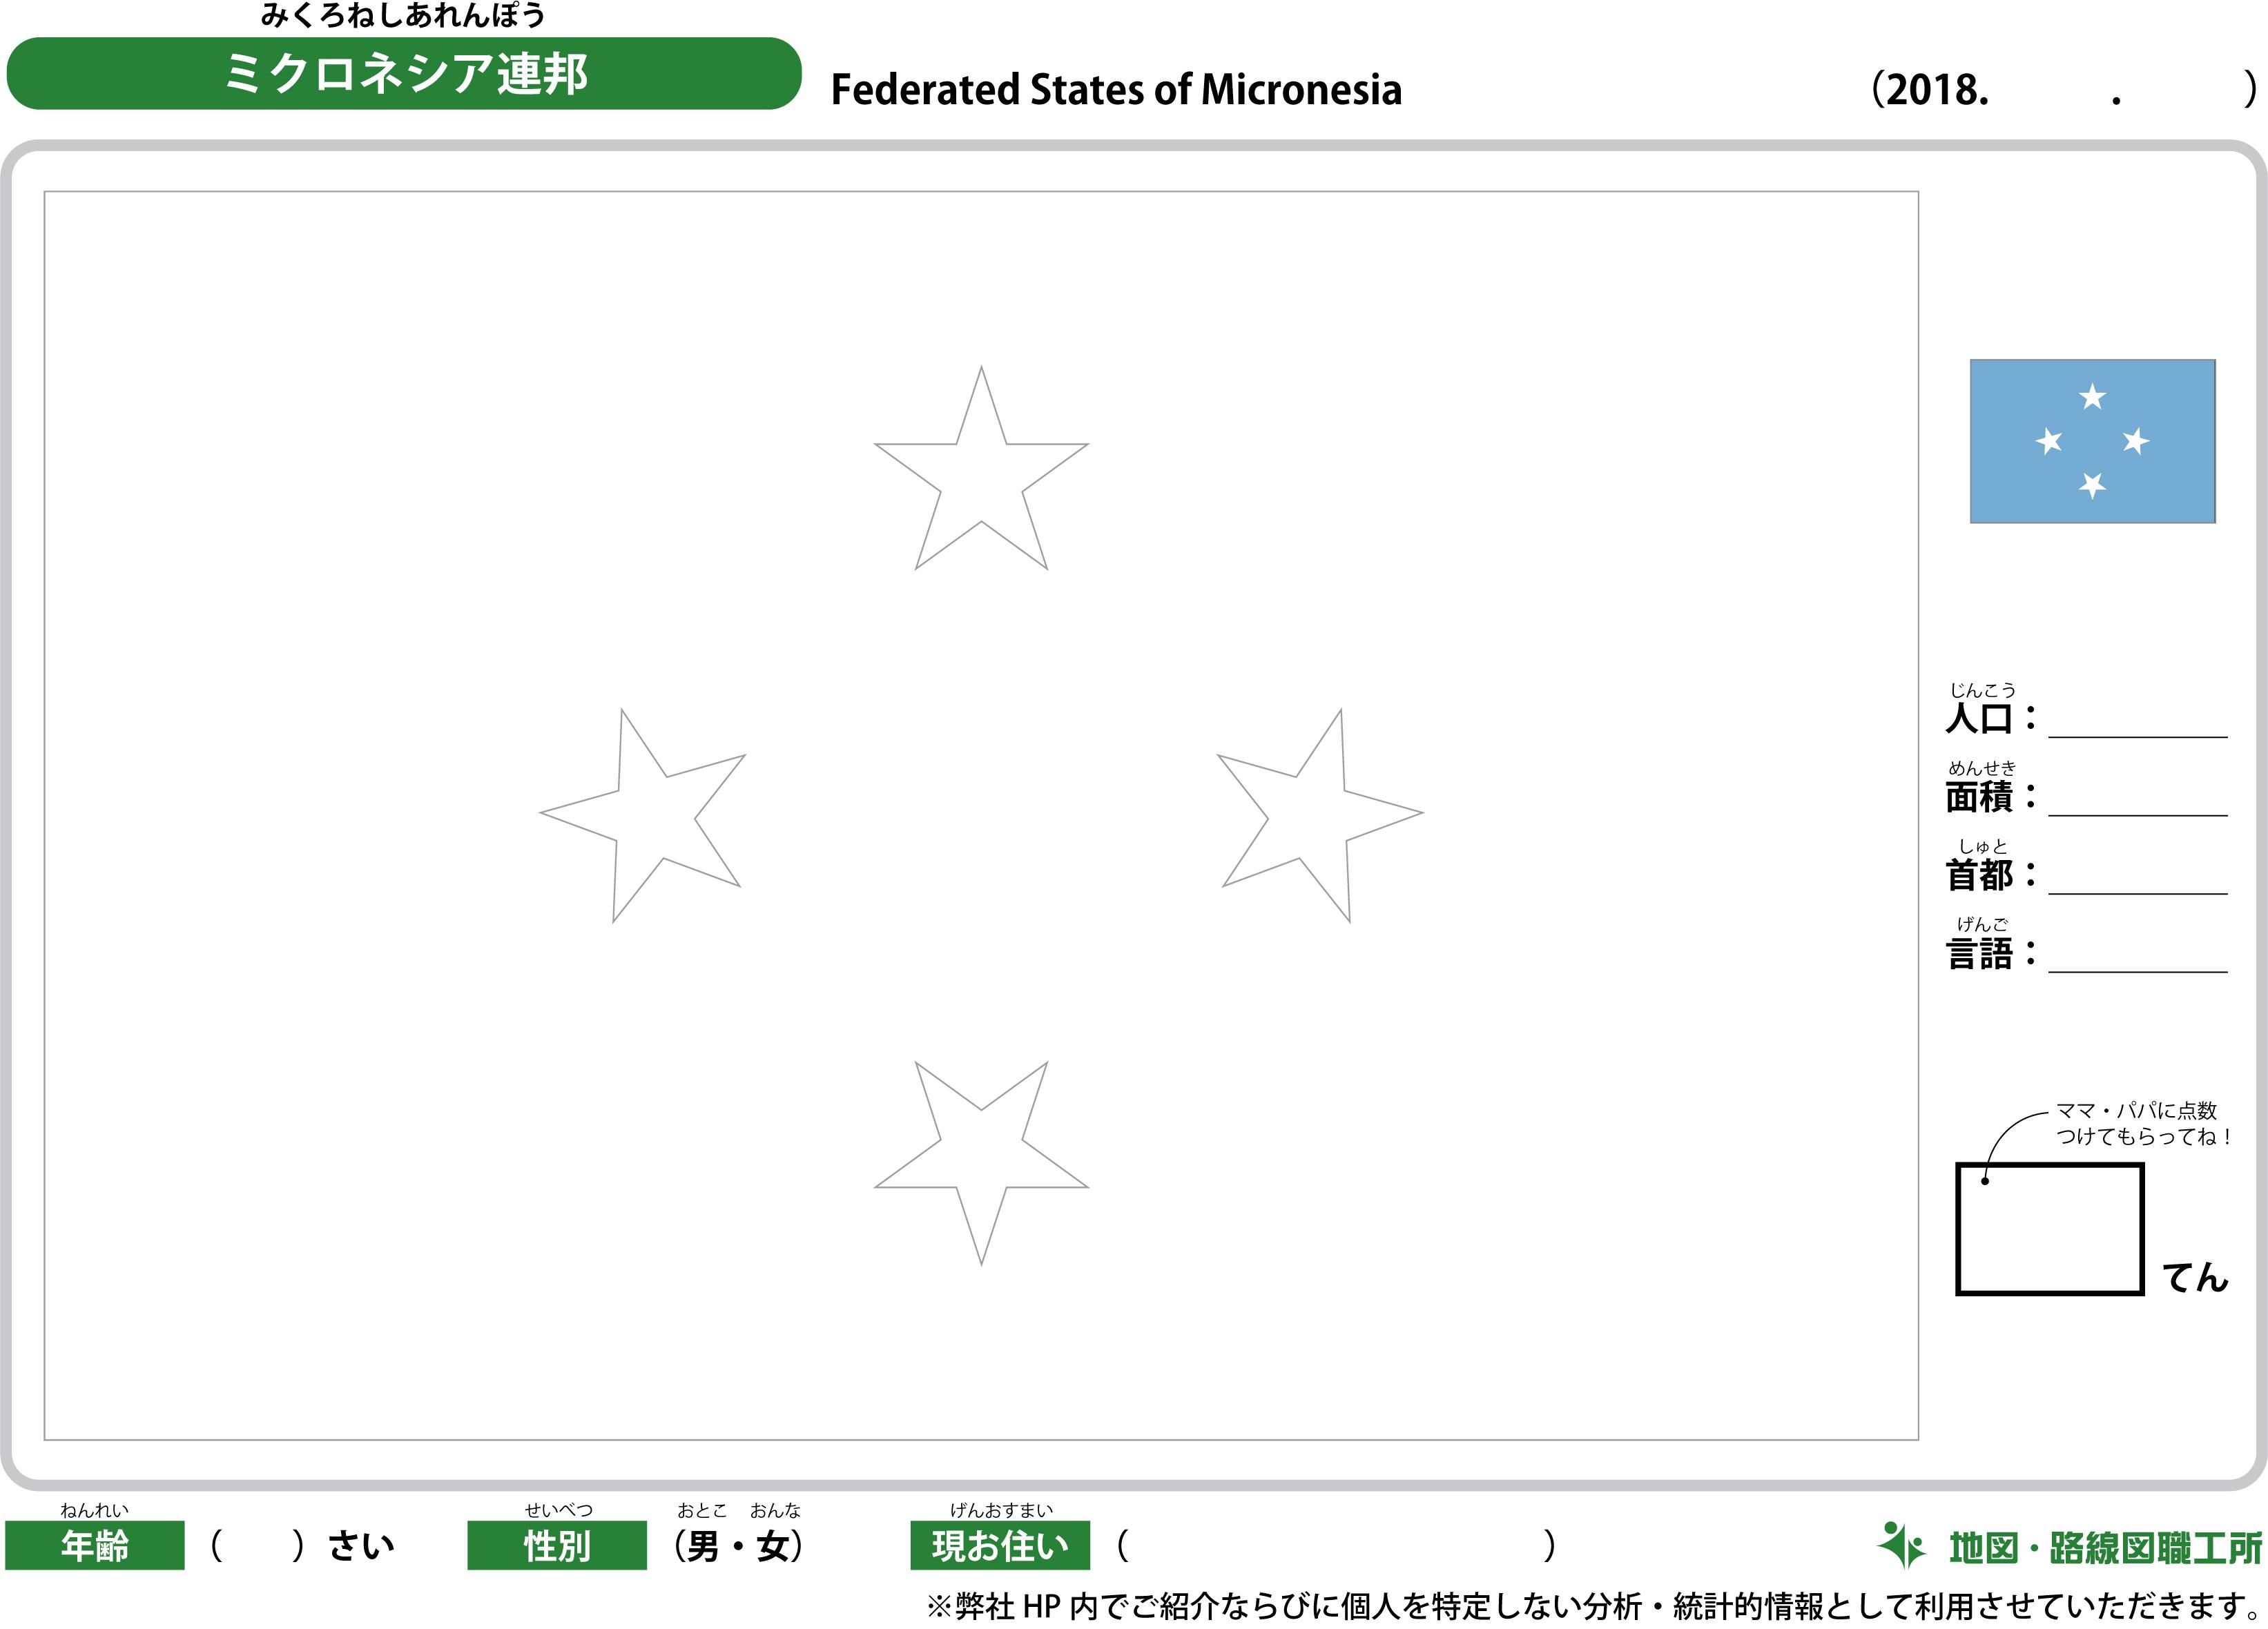 マーシャル諸島共和国